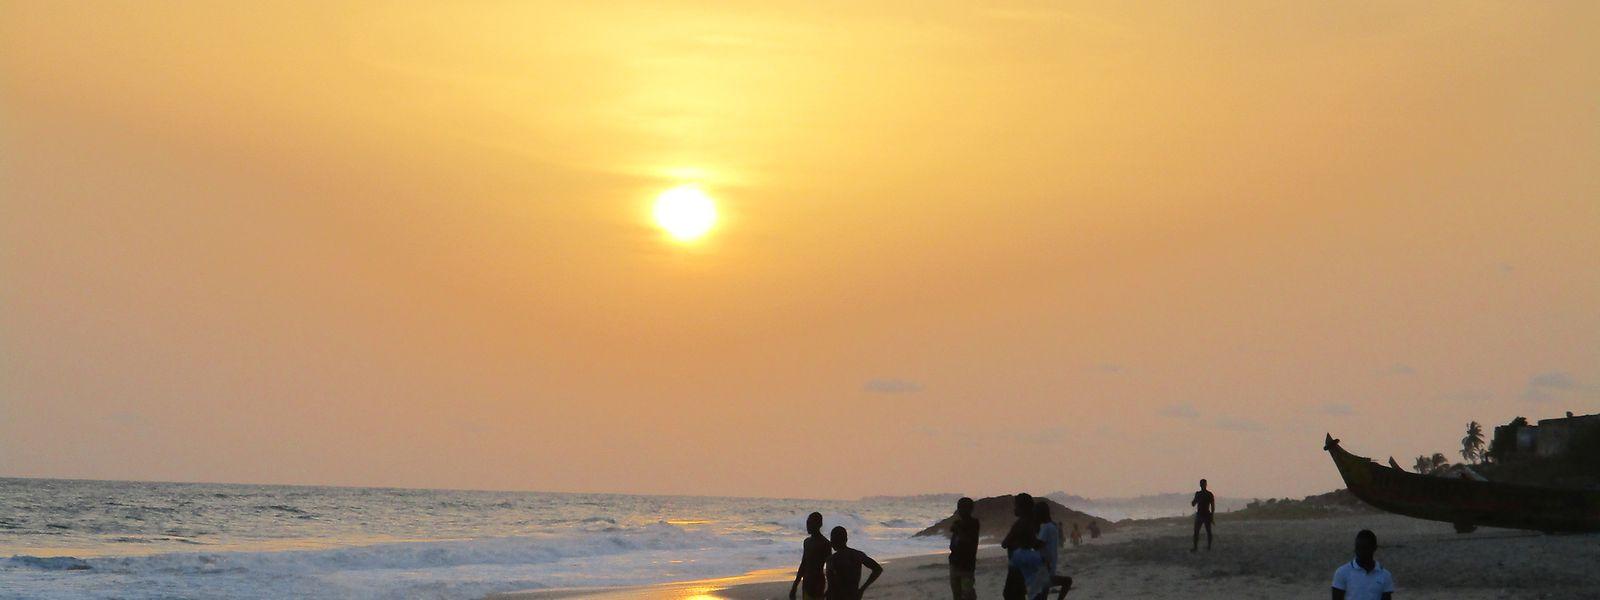 Der Golf von Guinea an der westafrikanischen Küste gilt als das gefährlichste Seegebiet der Welt.